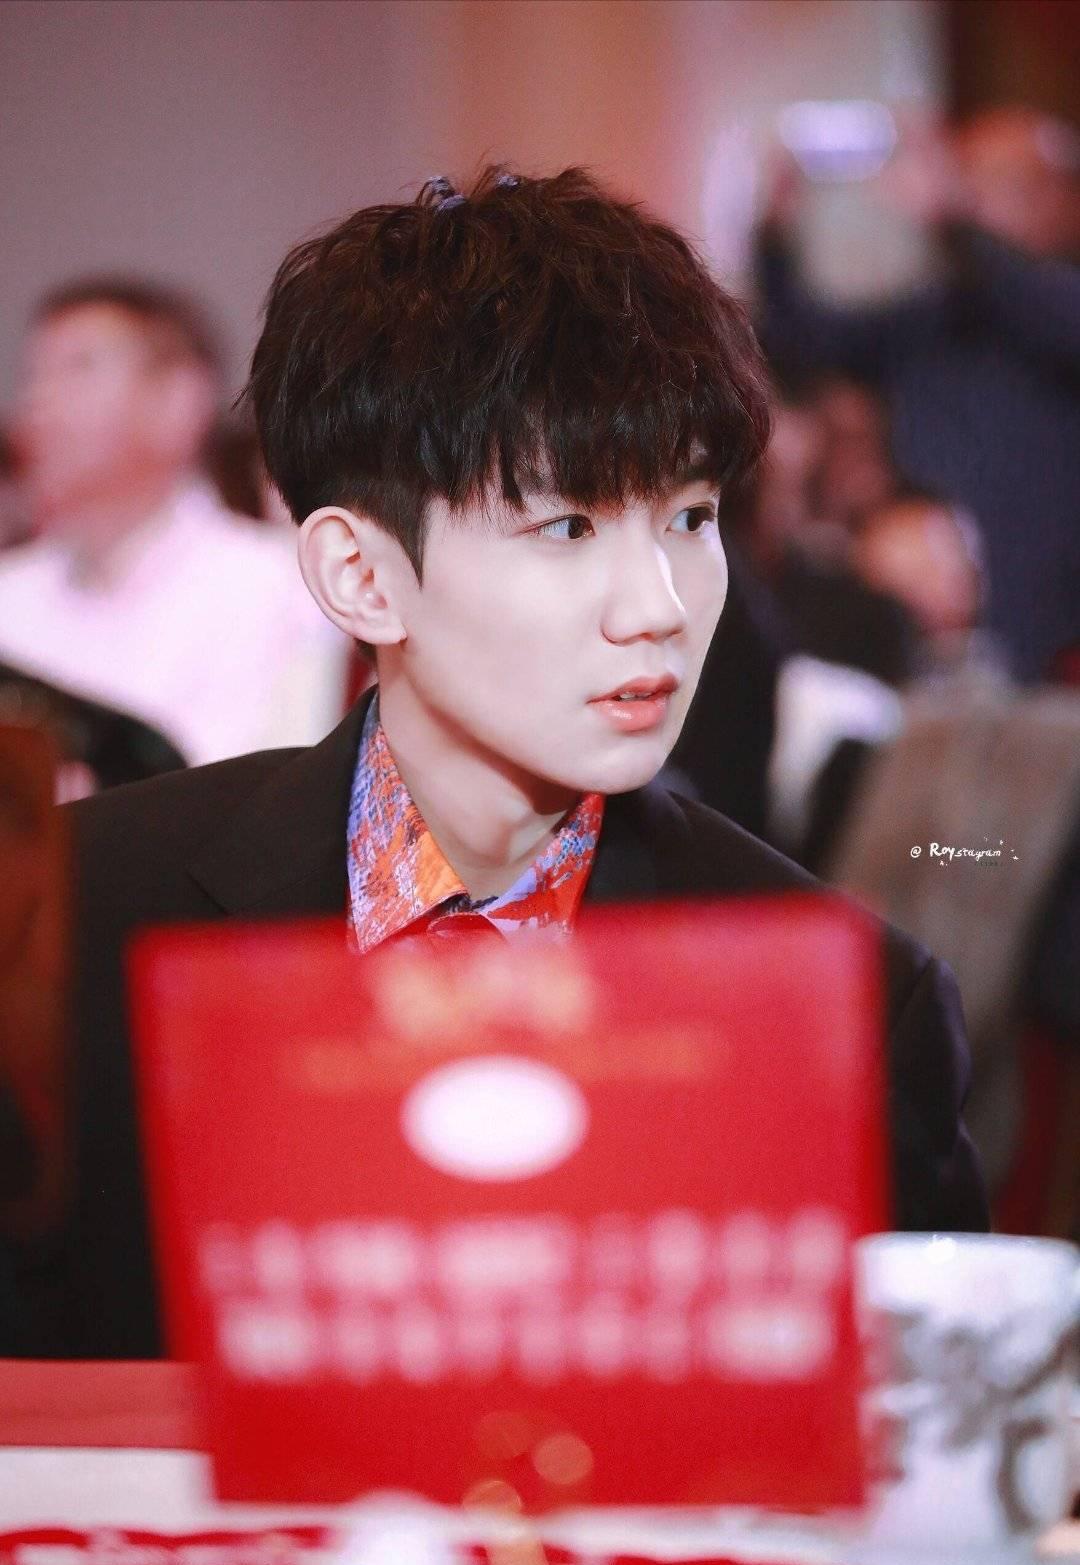 王源出席百花迎春联欢换了新发型,粉丝发现他和偶像林俊杰撞同款